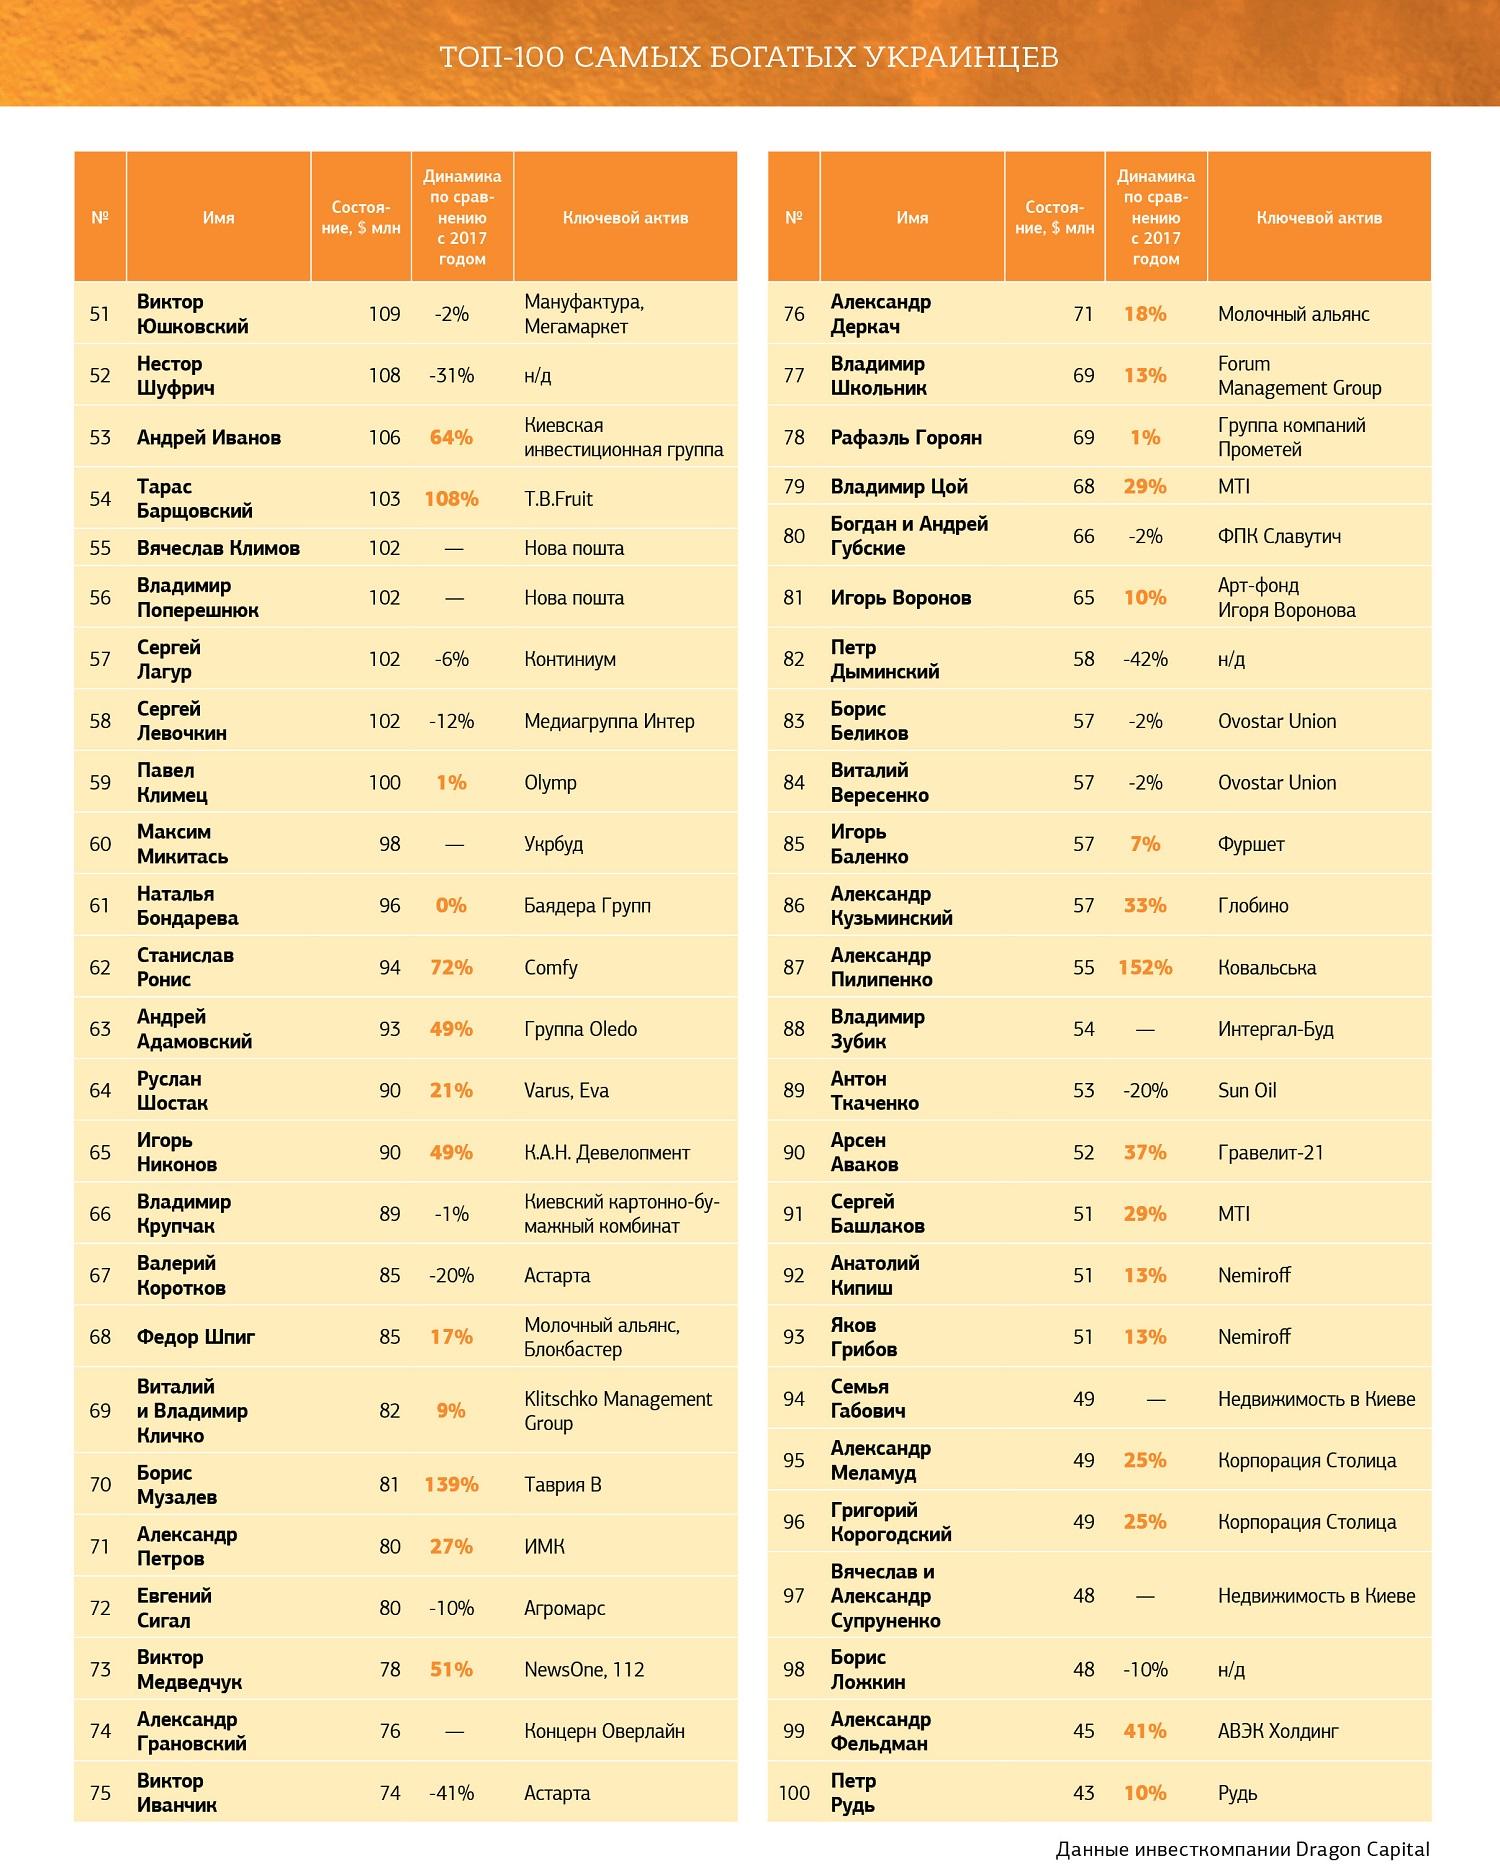 ТОП-100 самых богатых украинцев в 2019, часть 2